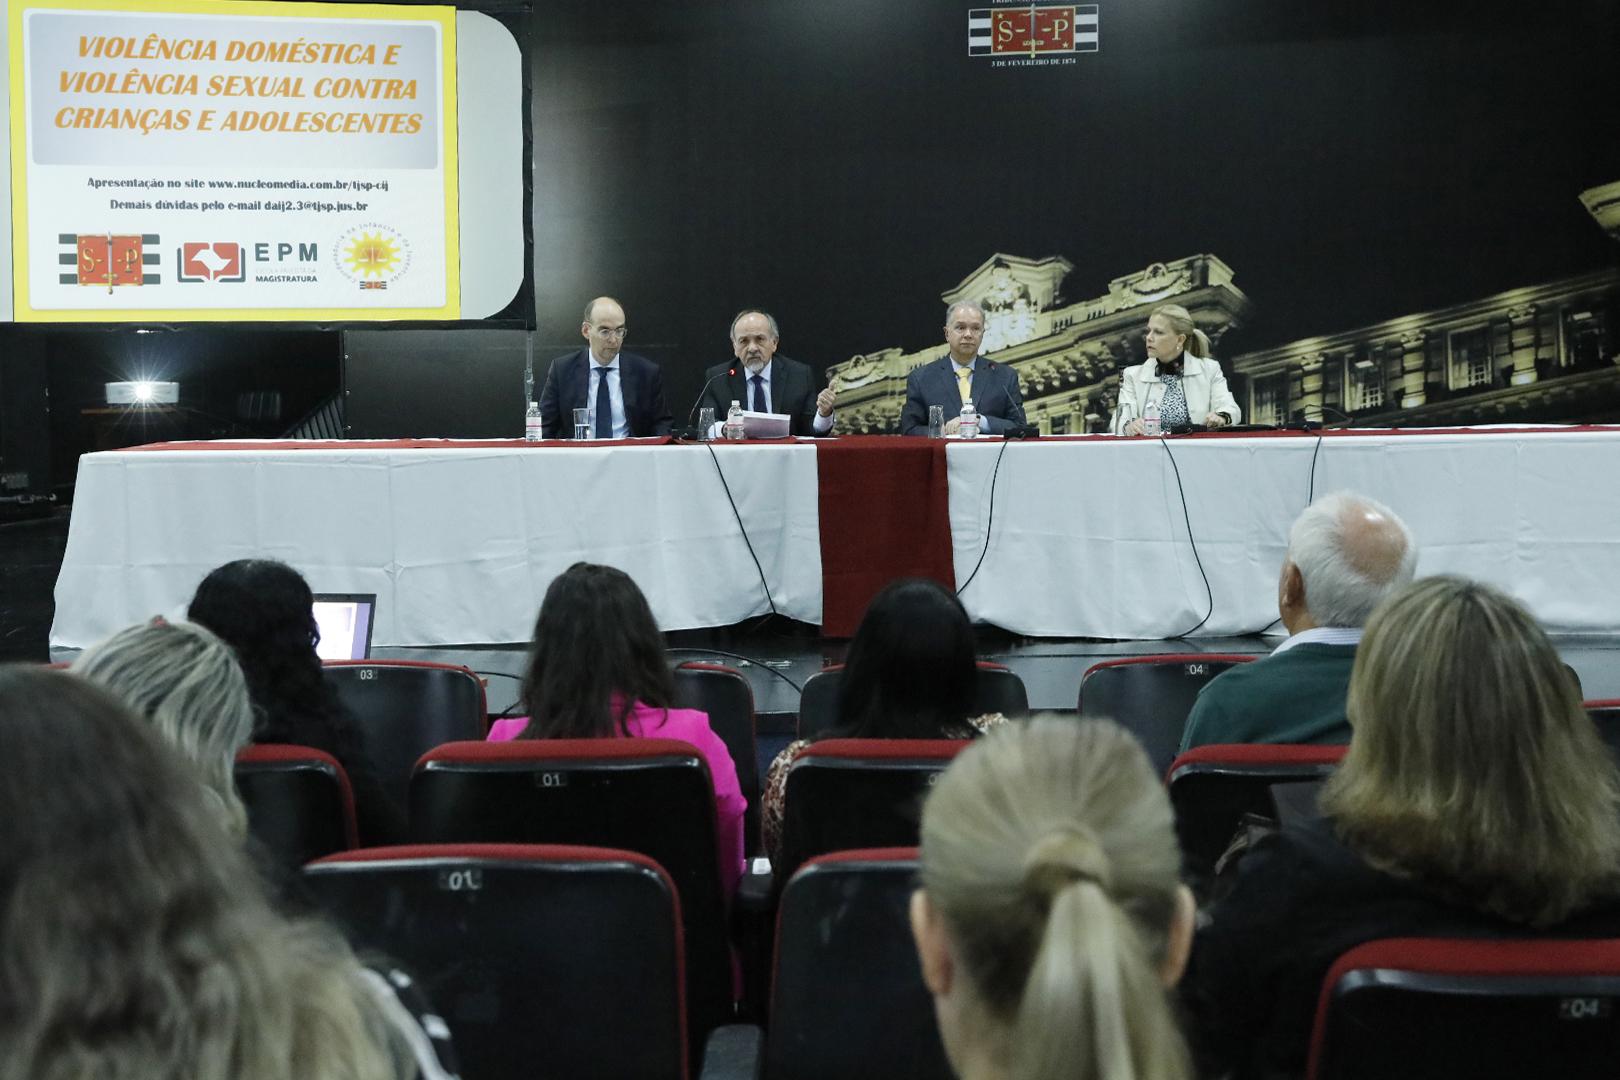 Seminário no TJSP discute violência doméstica contra crianças e adolescentes